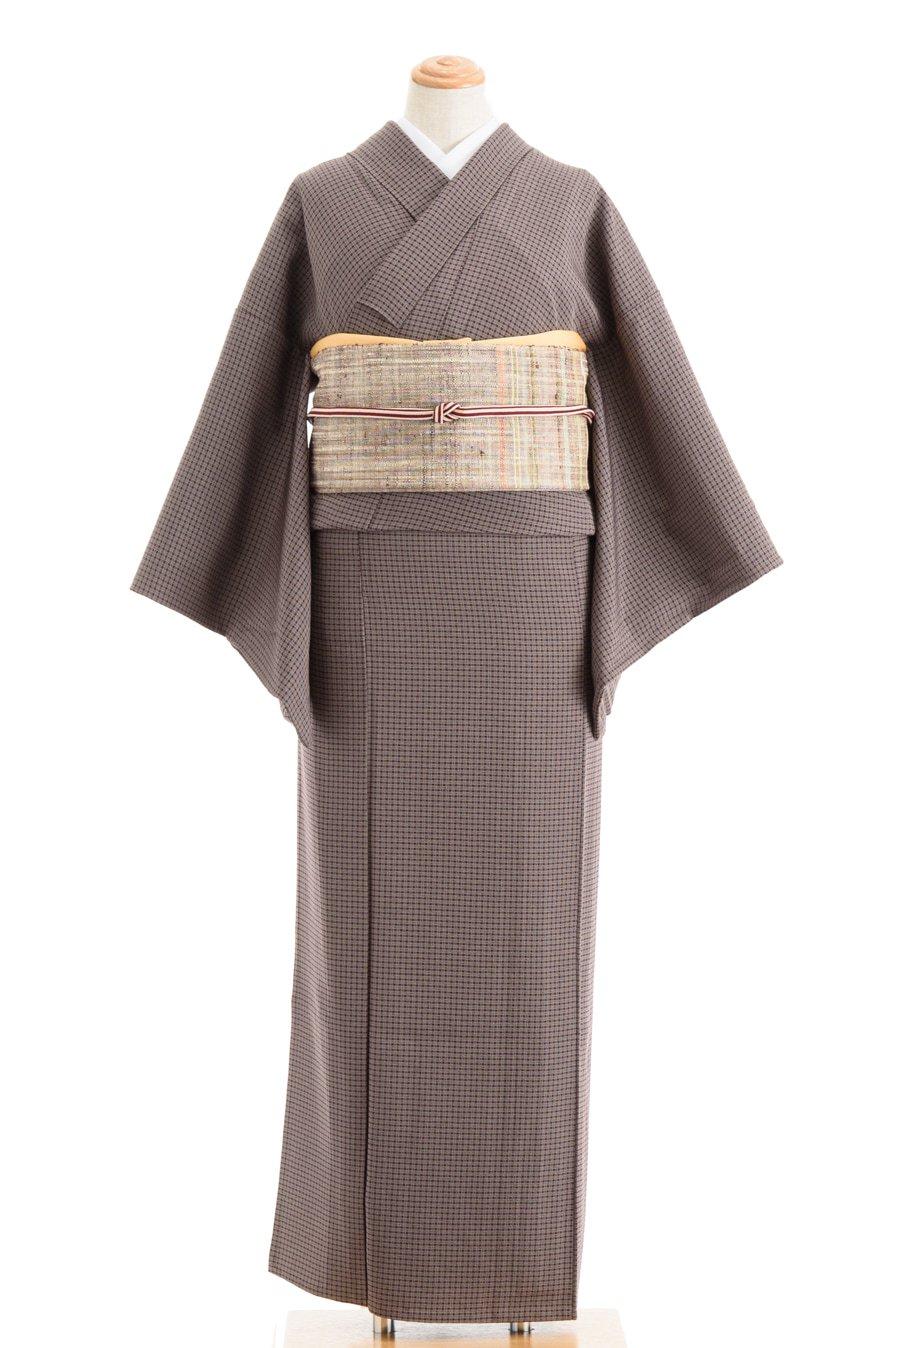 「単衣 紫茶の細かな格子」の商品画像